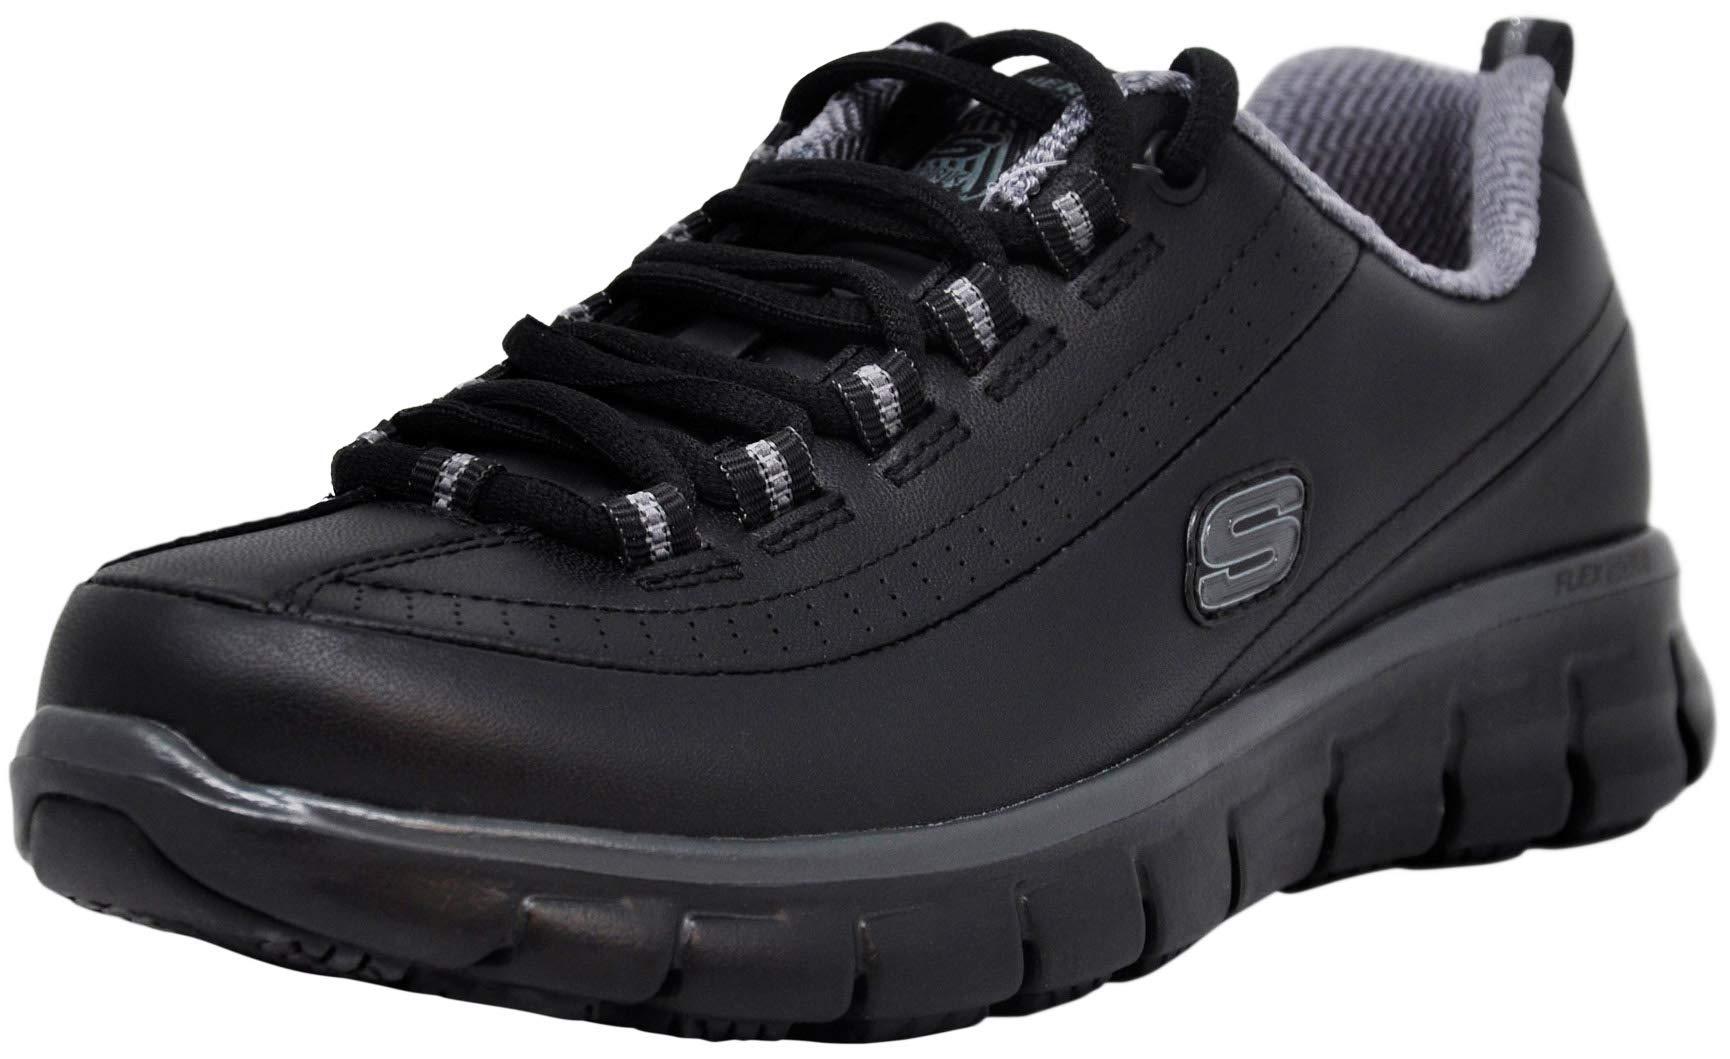 Skechers for Work Women's Sure Track Trickel Slip Resistant Work Shoe (11 M US, Black/Grey) by Skechers